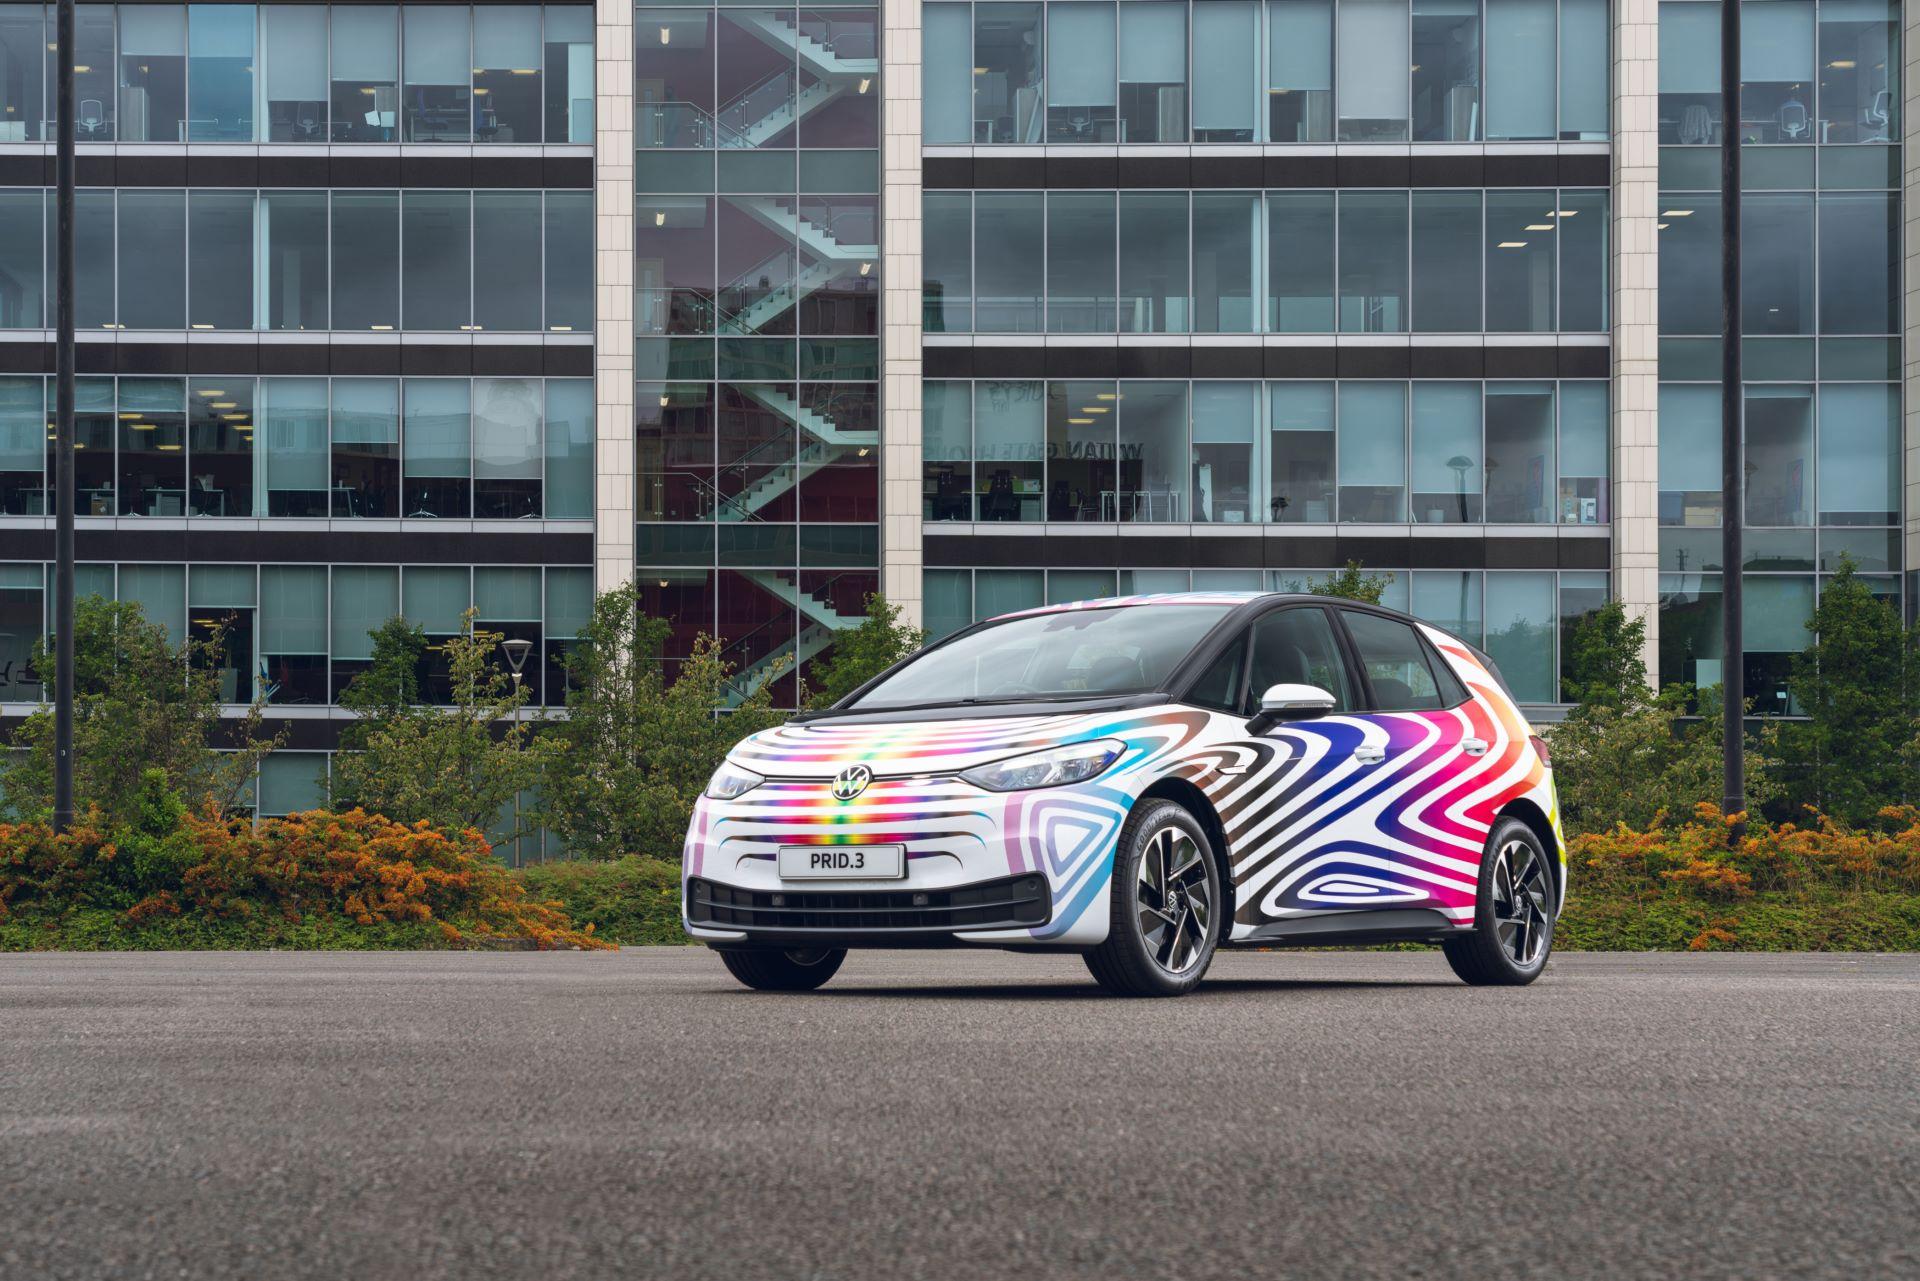 Volkswagen-PRID.3-11